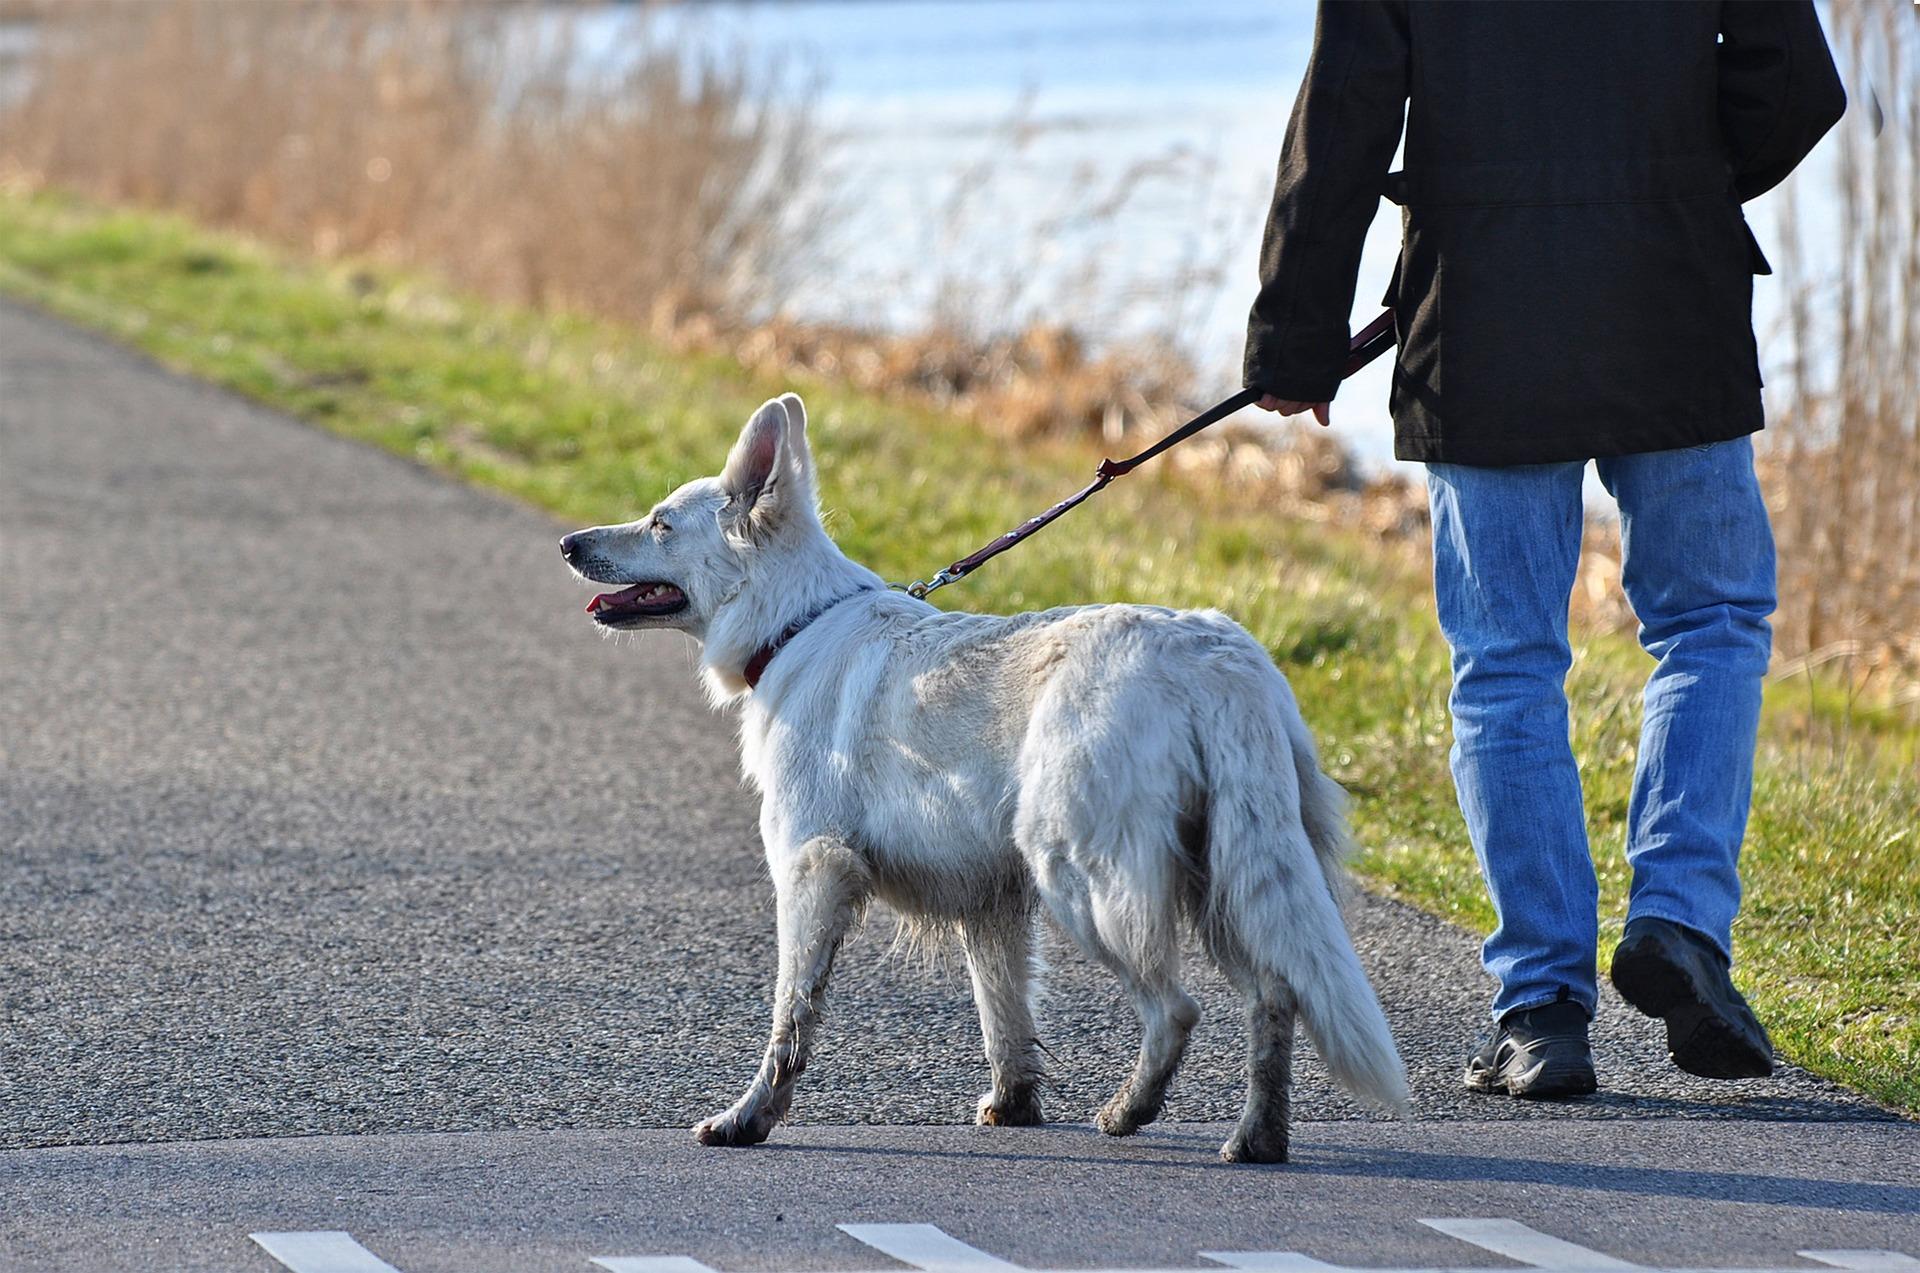 Jedną z przyczyn wymiotowania psa po spacerze jest jedzenie znalezionych na ulicy czy w trawie rzeczy. Nie można pozwalać psu na takie zachowanie. Odpowiednia tresura, a w ostateczności kaganiec przyczynią się do zminimalizowania takich sytuacji.